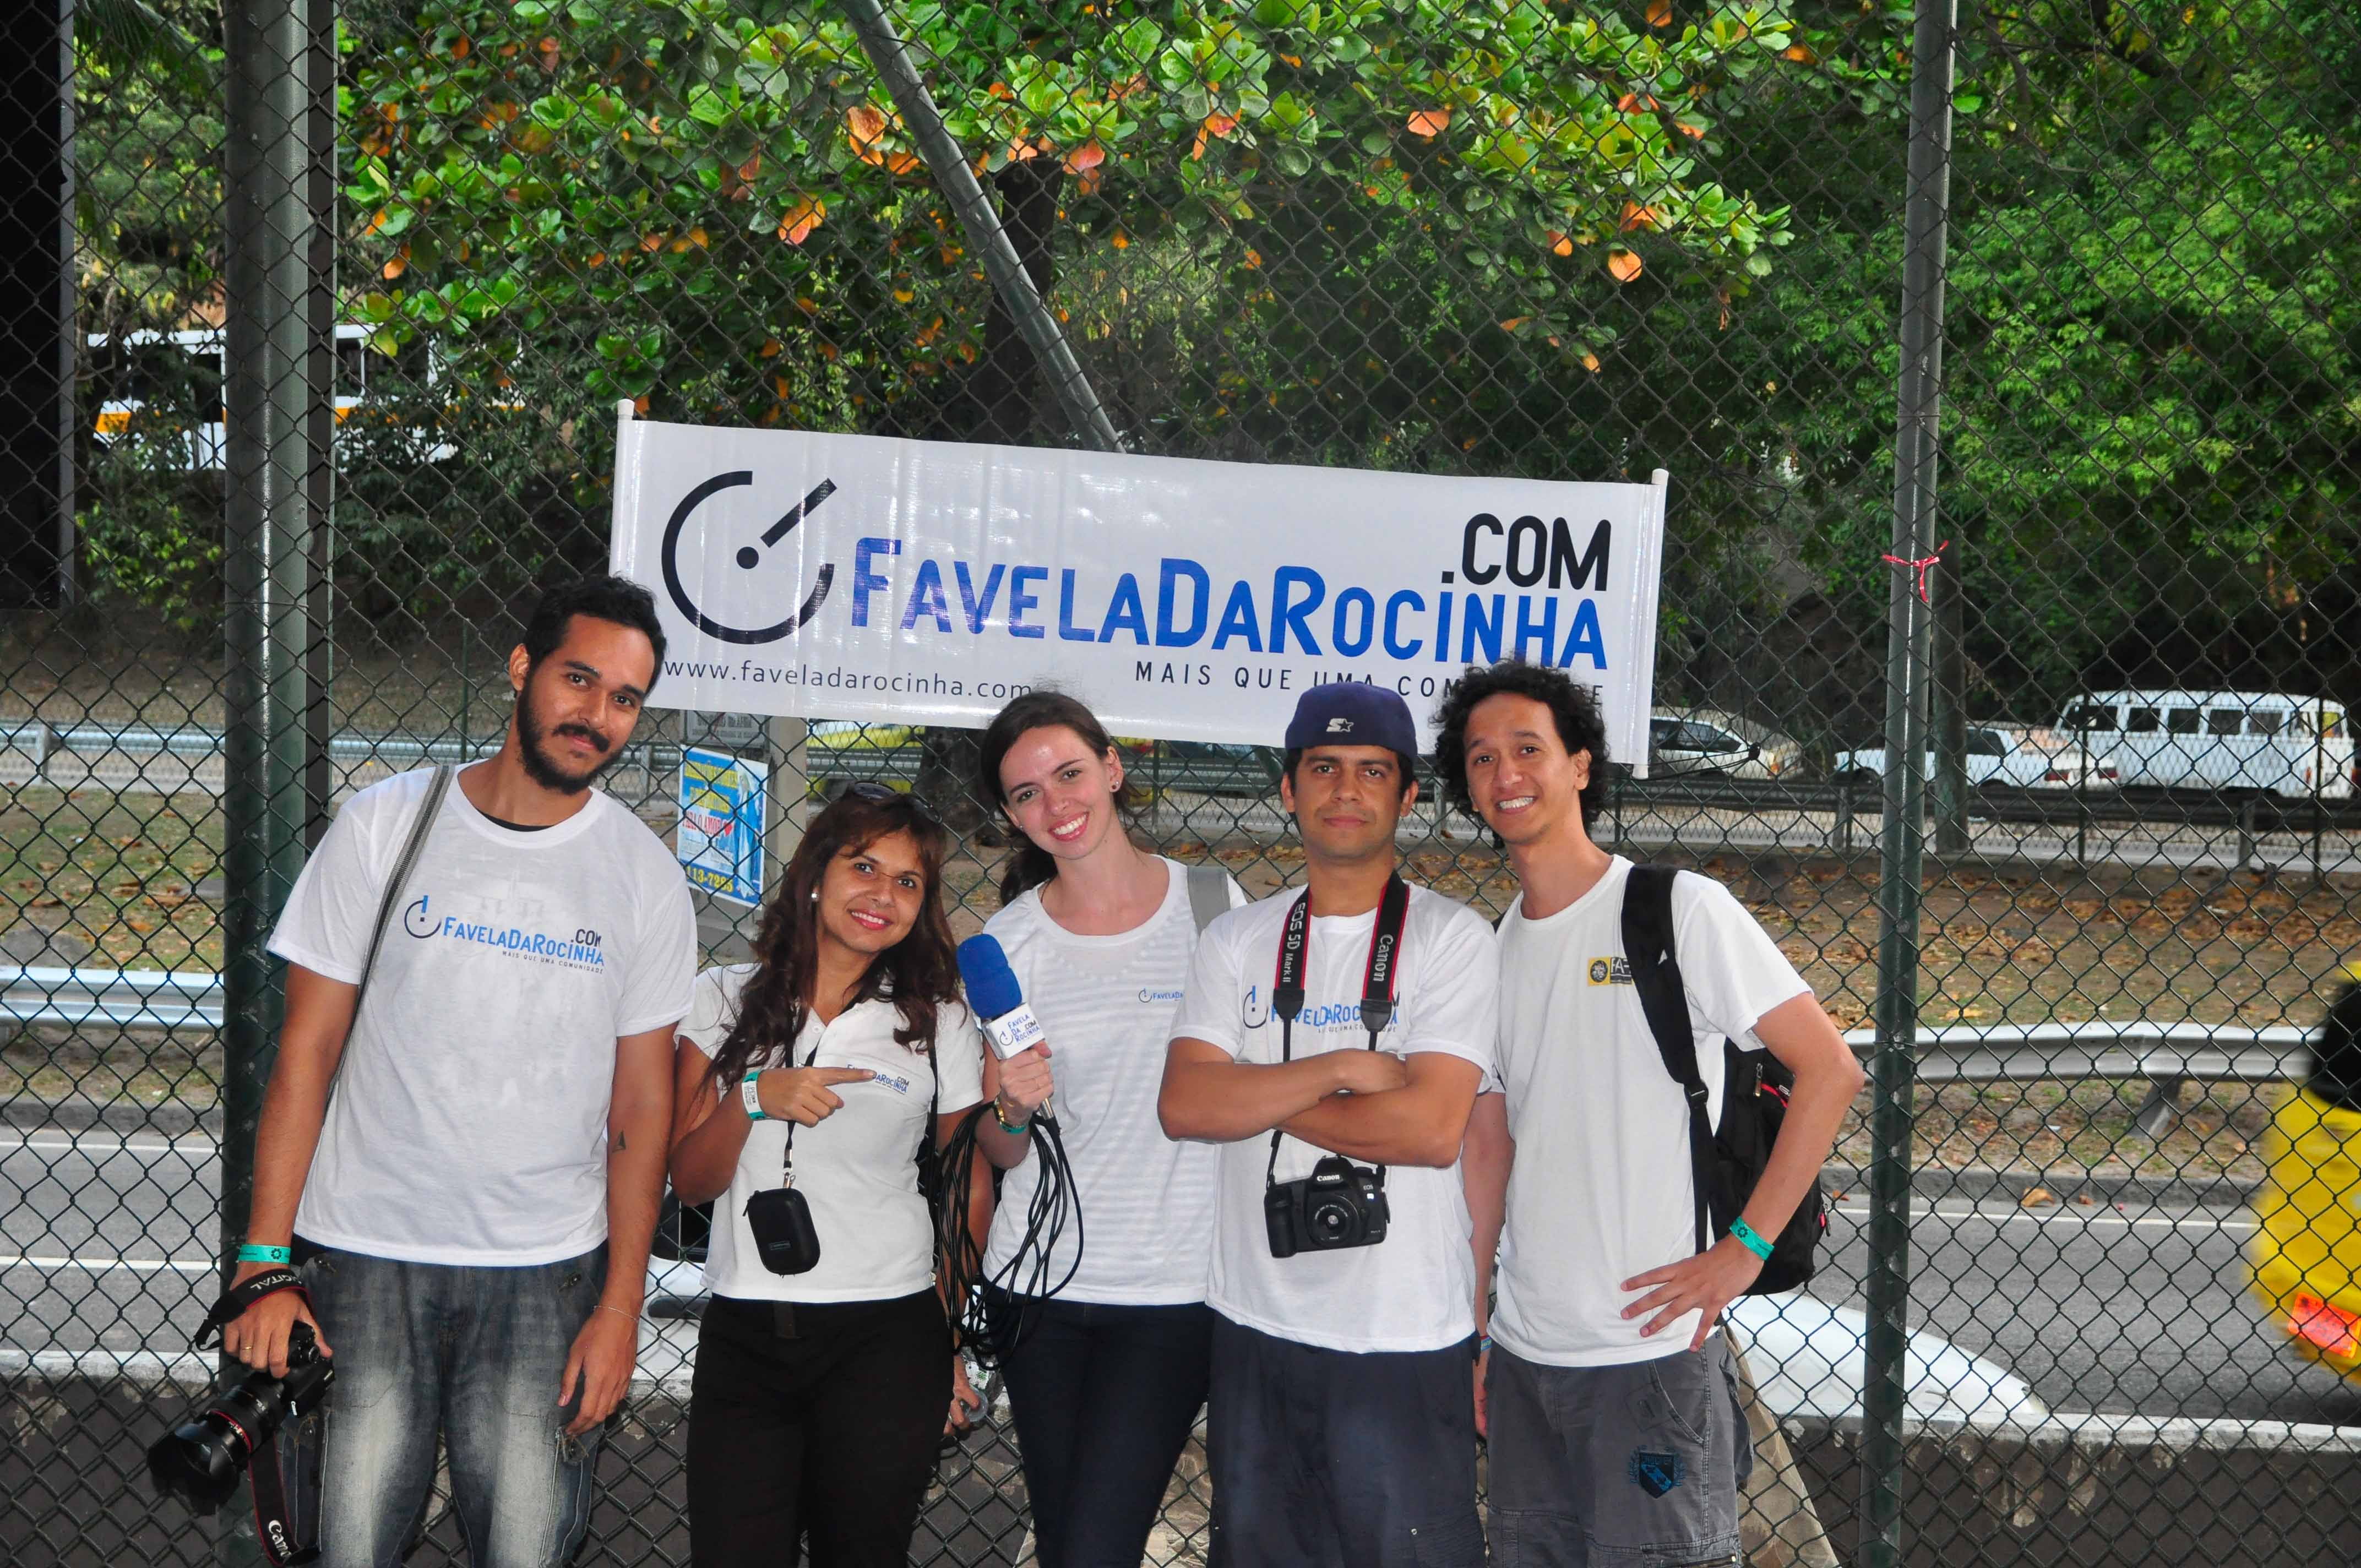 De blog a site comunitário, FavelaDaRocinha.com evolui para melhor informar o morador